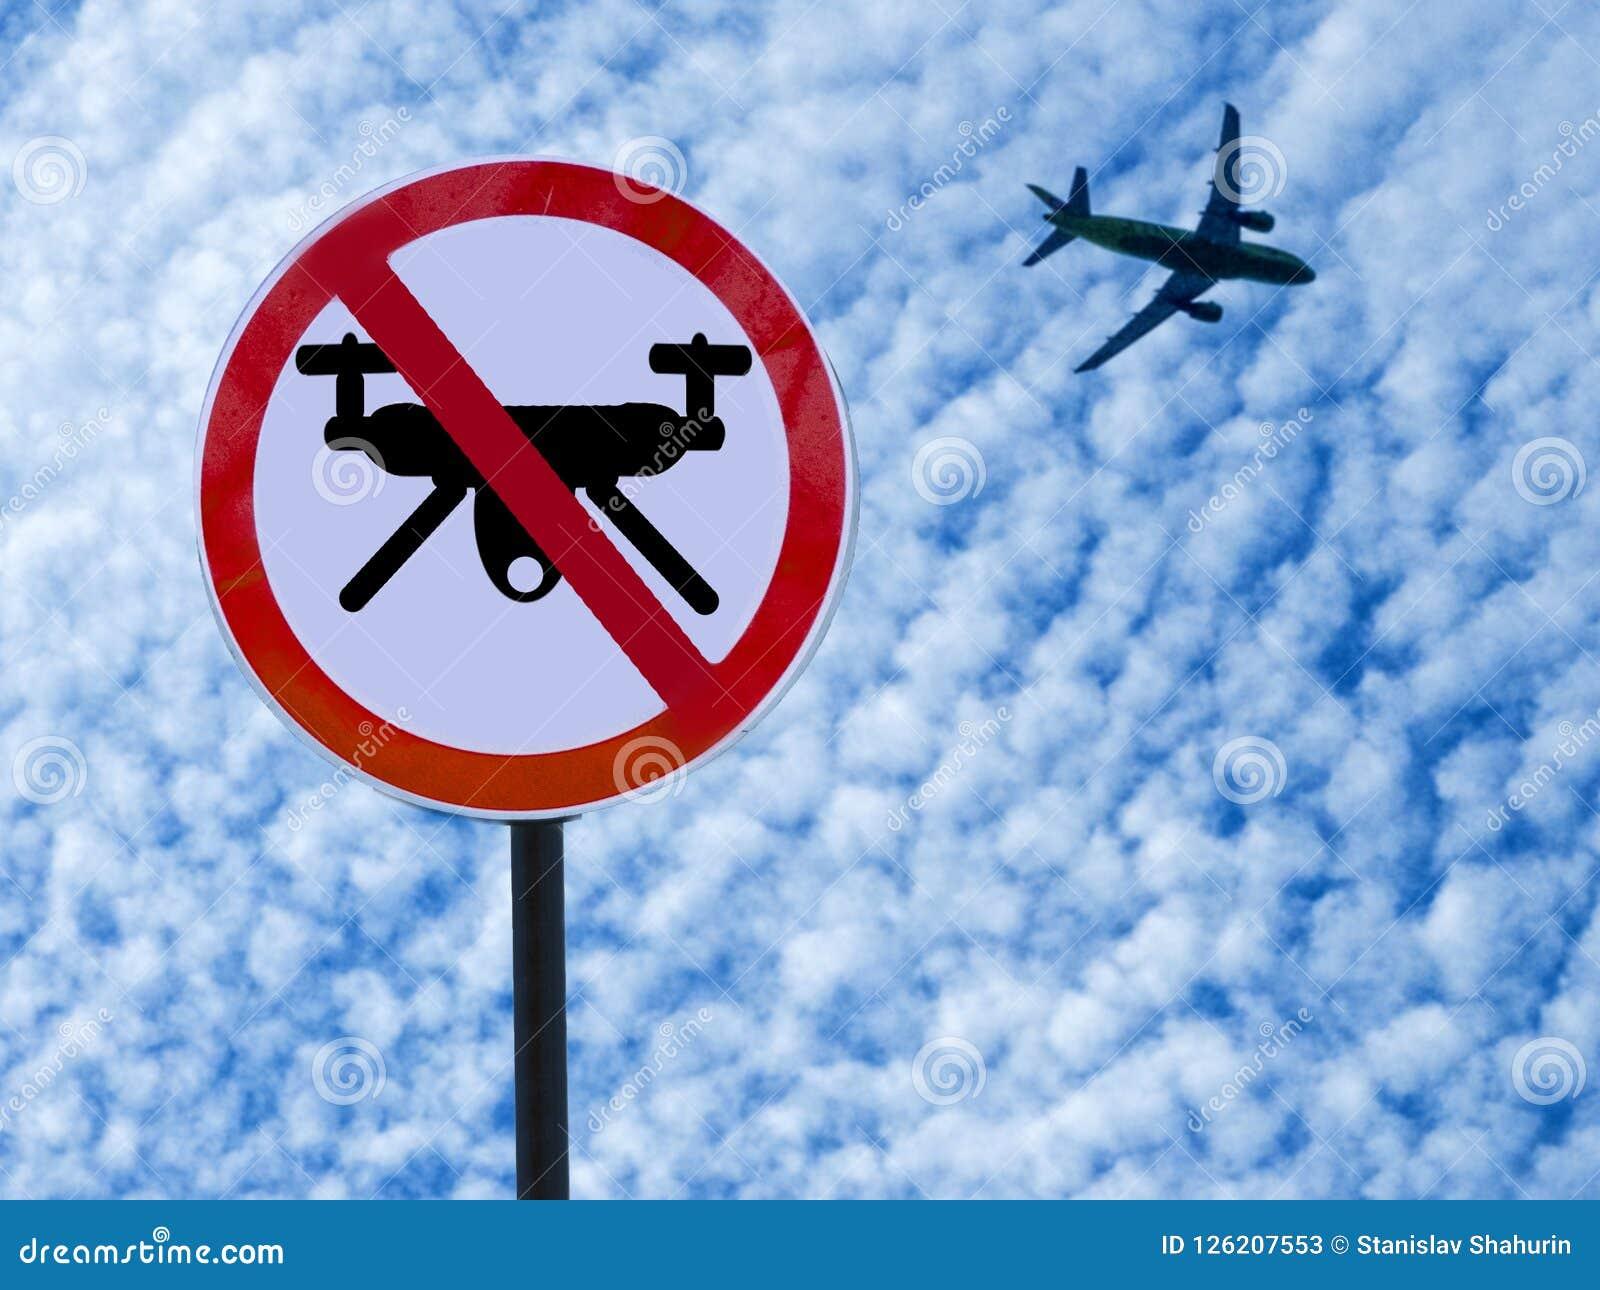 Assine zangões da proibição no fundo do céu com nuvens e plano da descolagem